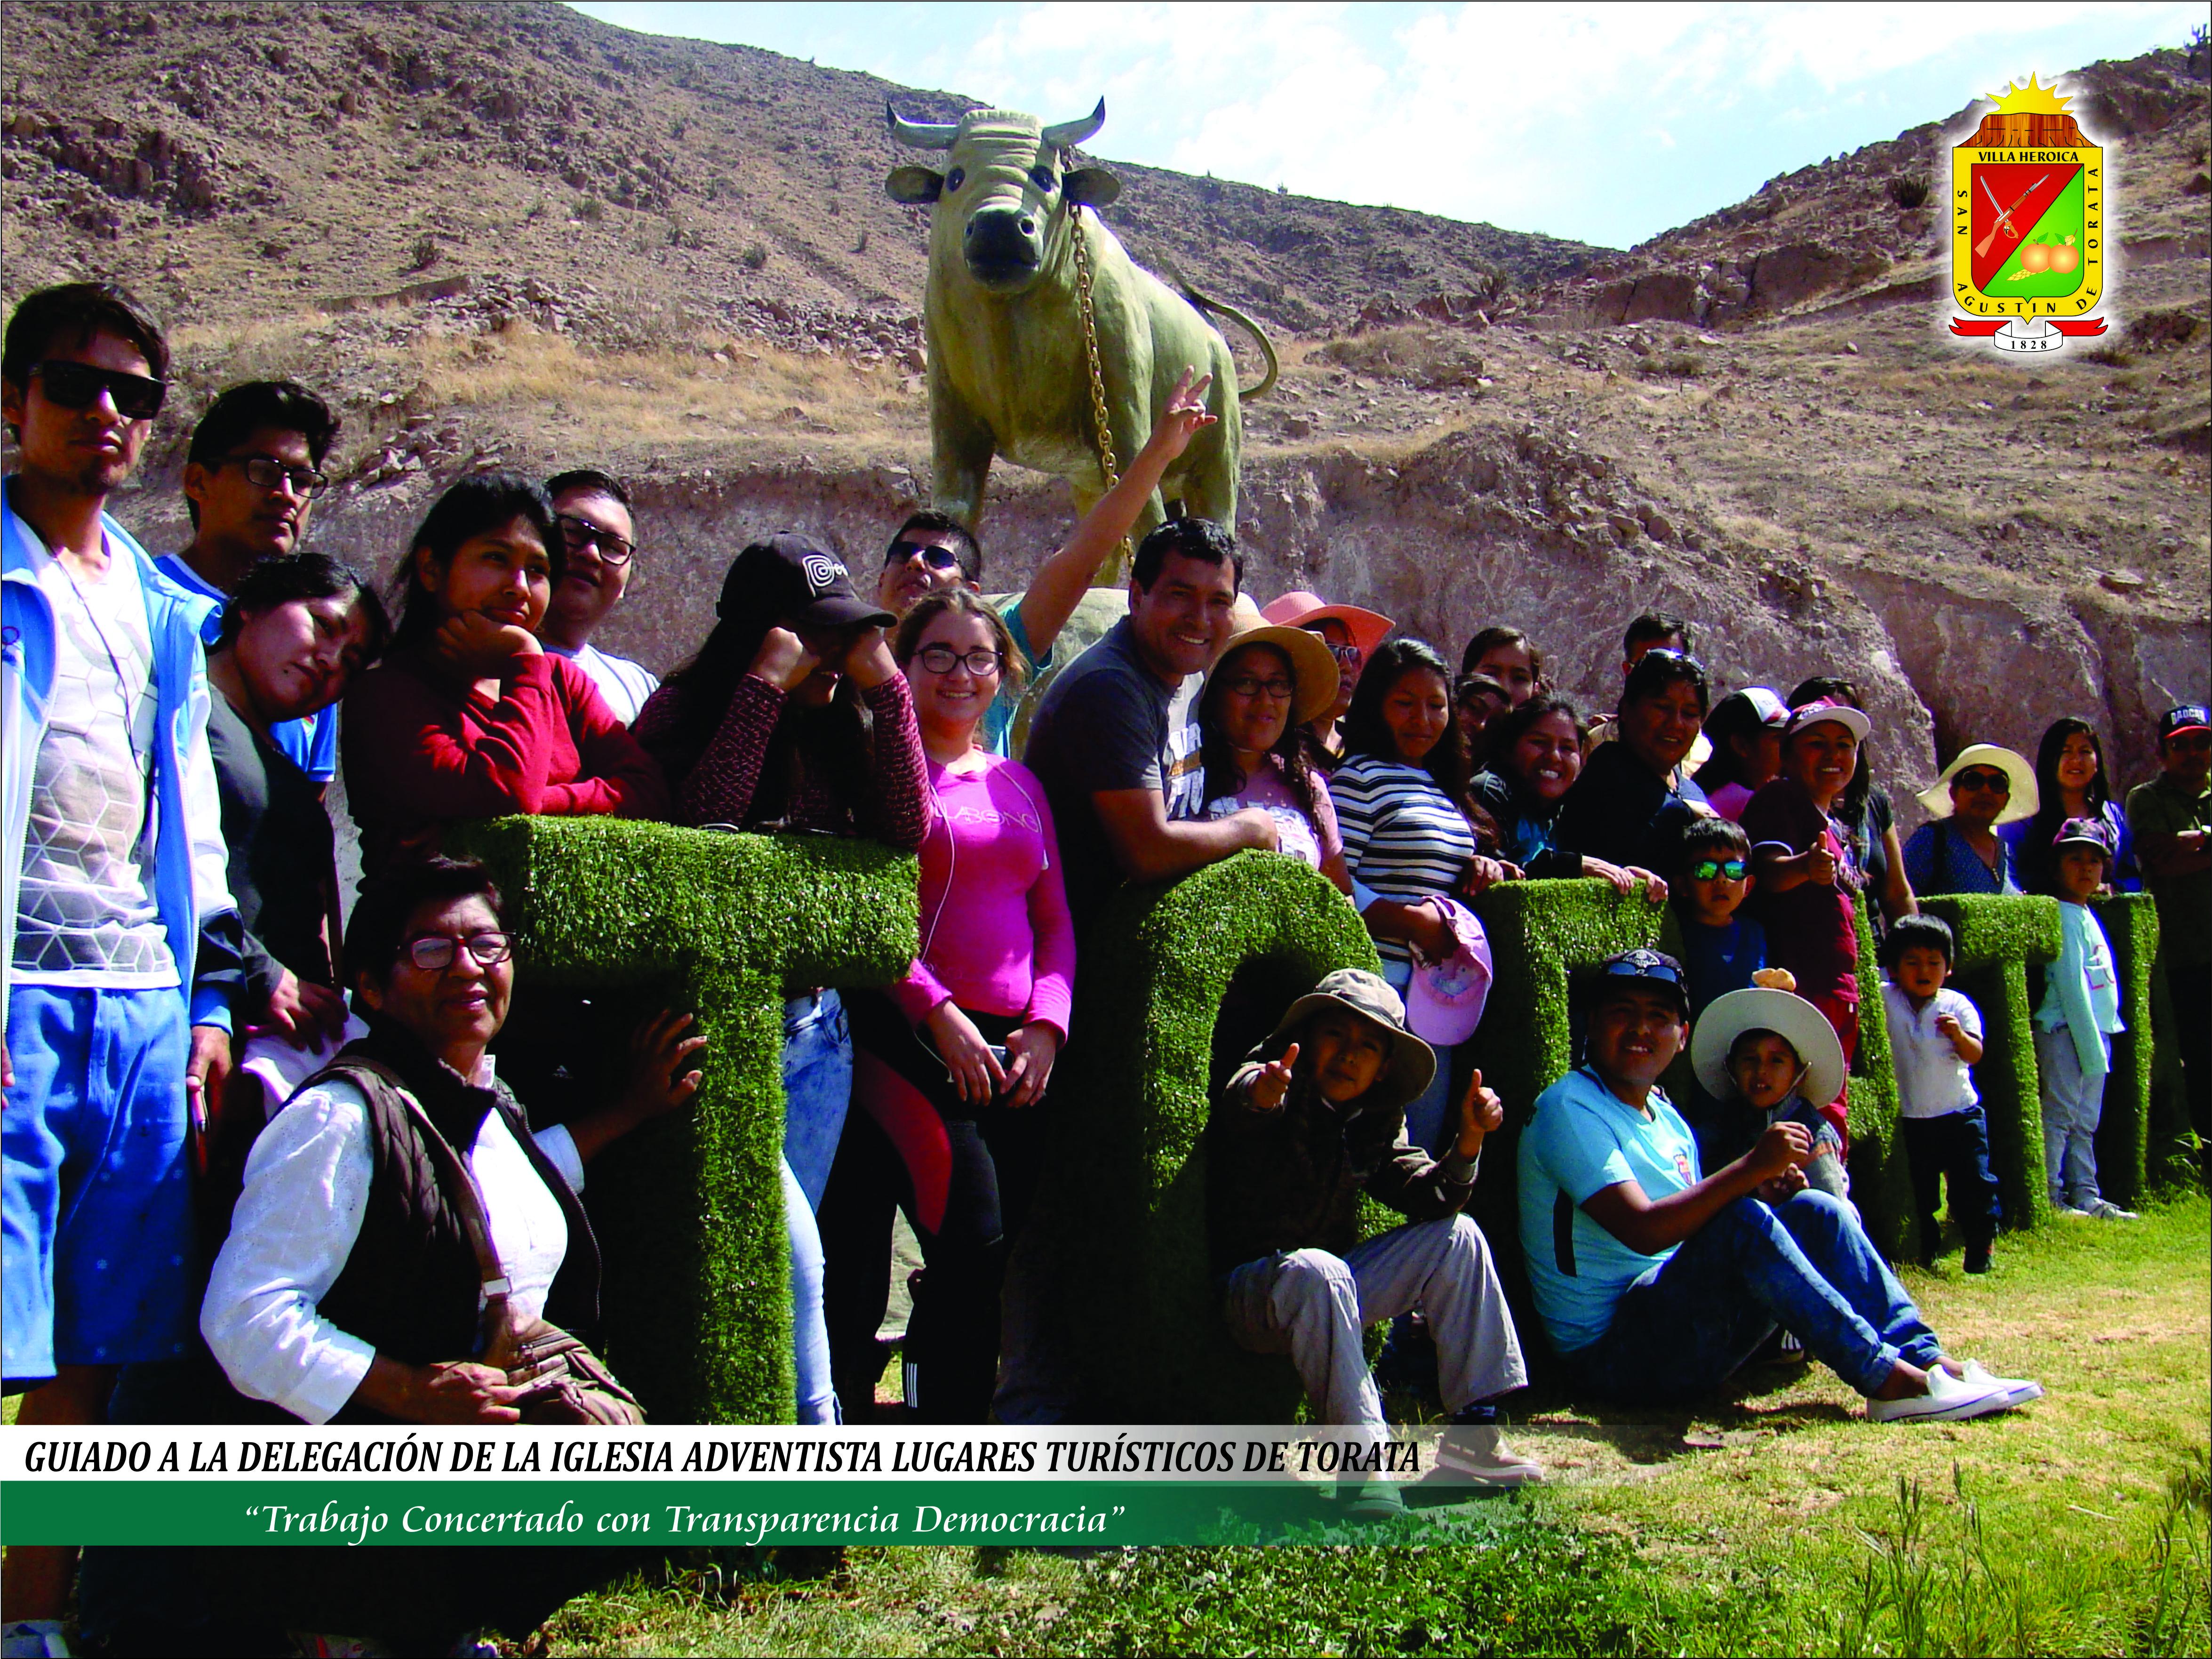 OFICINA DE PROMOCIÓN E INFORMACIÓN TURÍSTICA BRINDA ASISTENCIA Y ORIENTACIÓN AL TURISTA NACIONAL Y EXTRANJERO